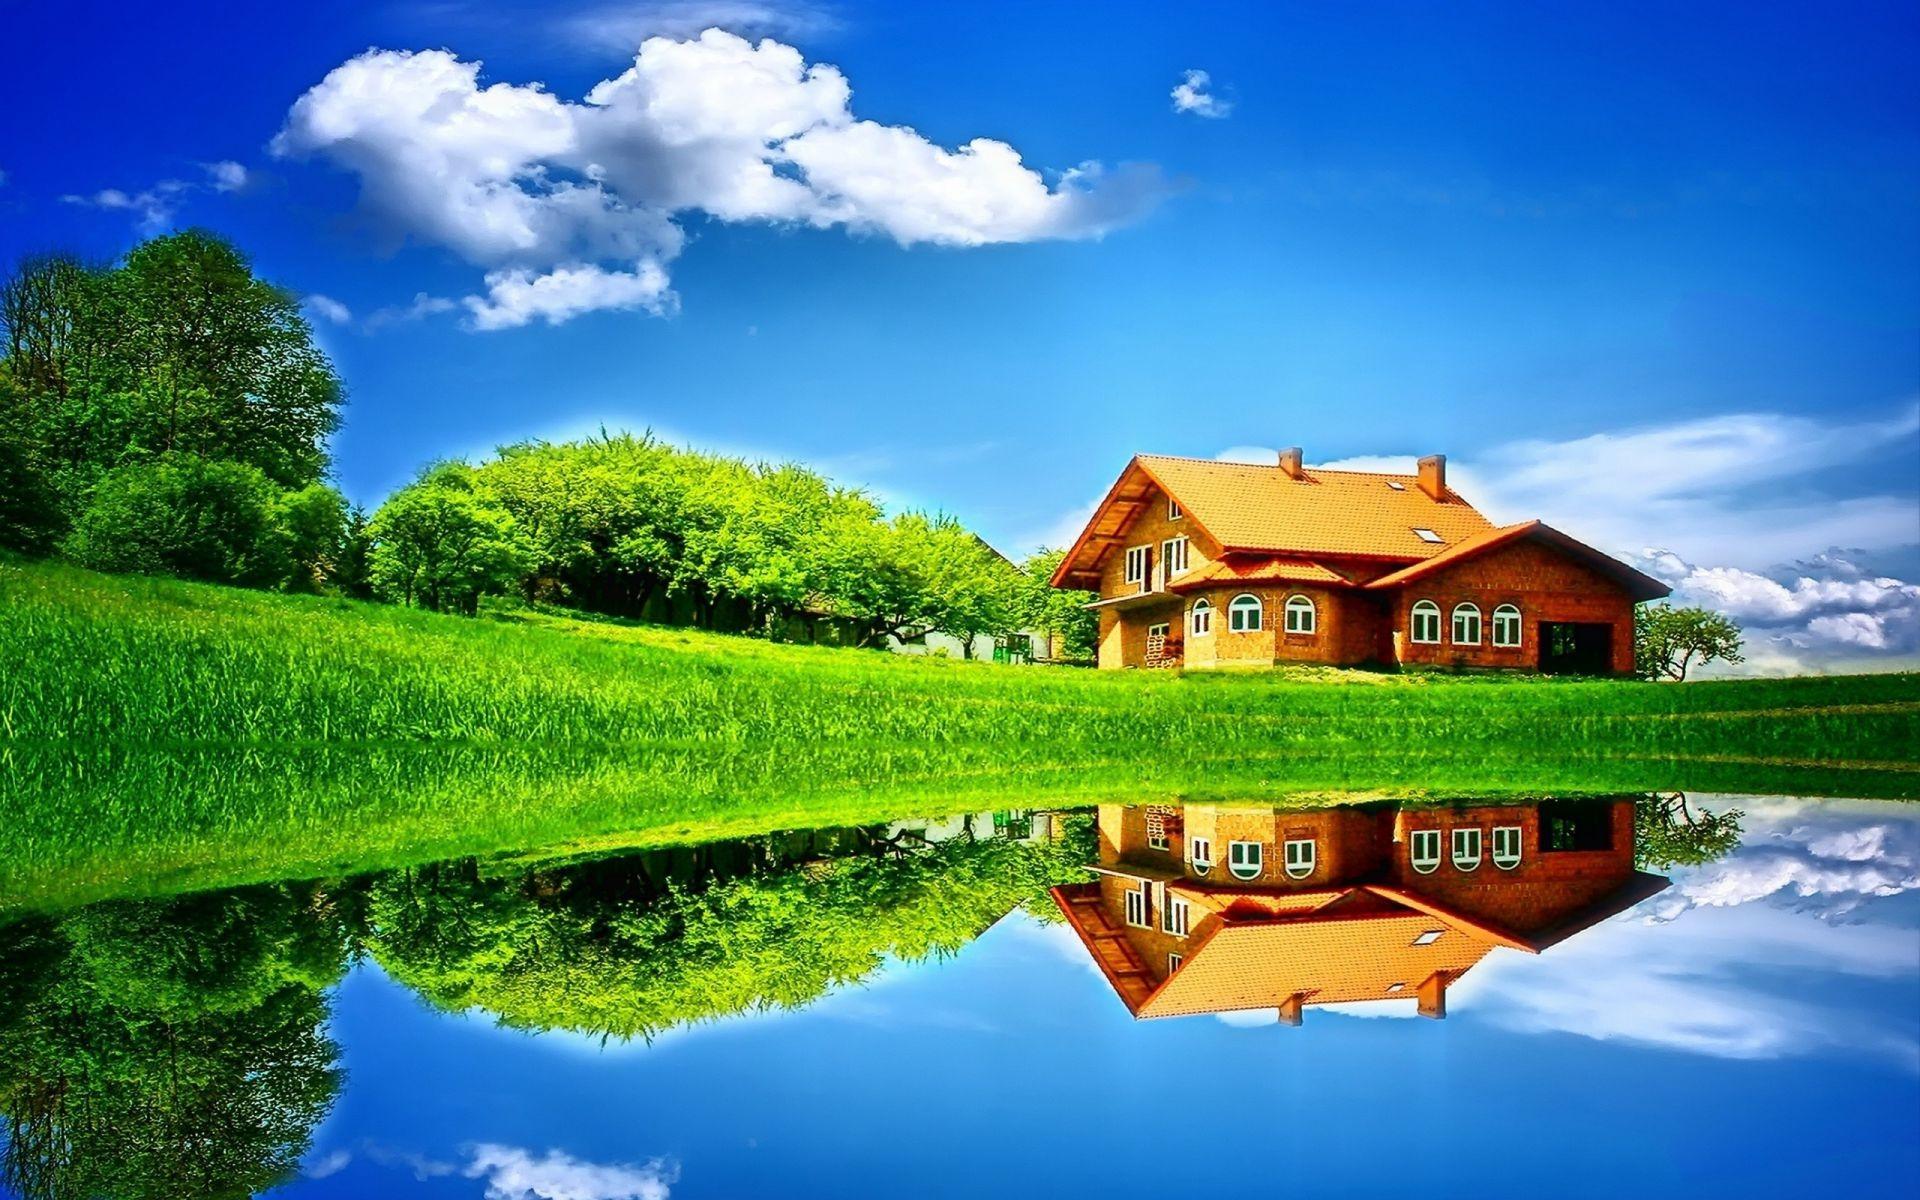 природа отдых дом деревья  № 254045 бесплатно